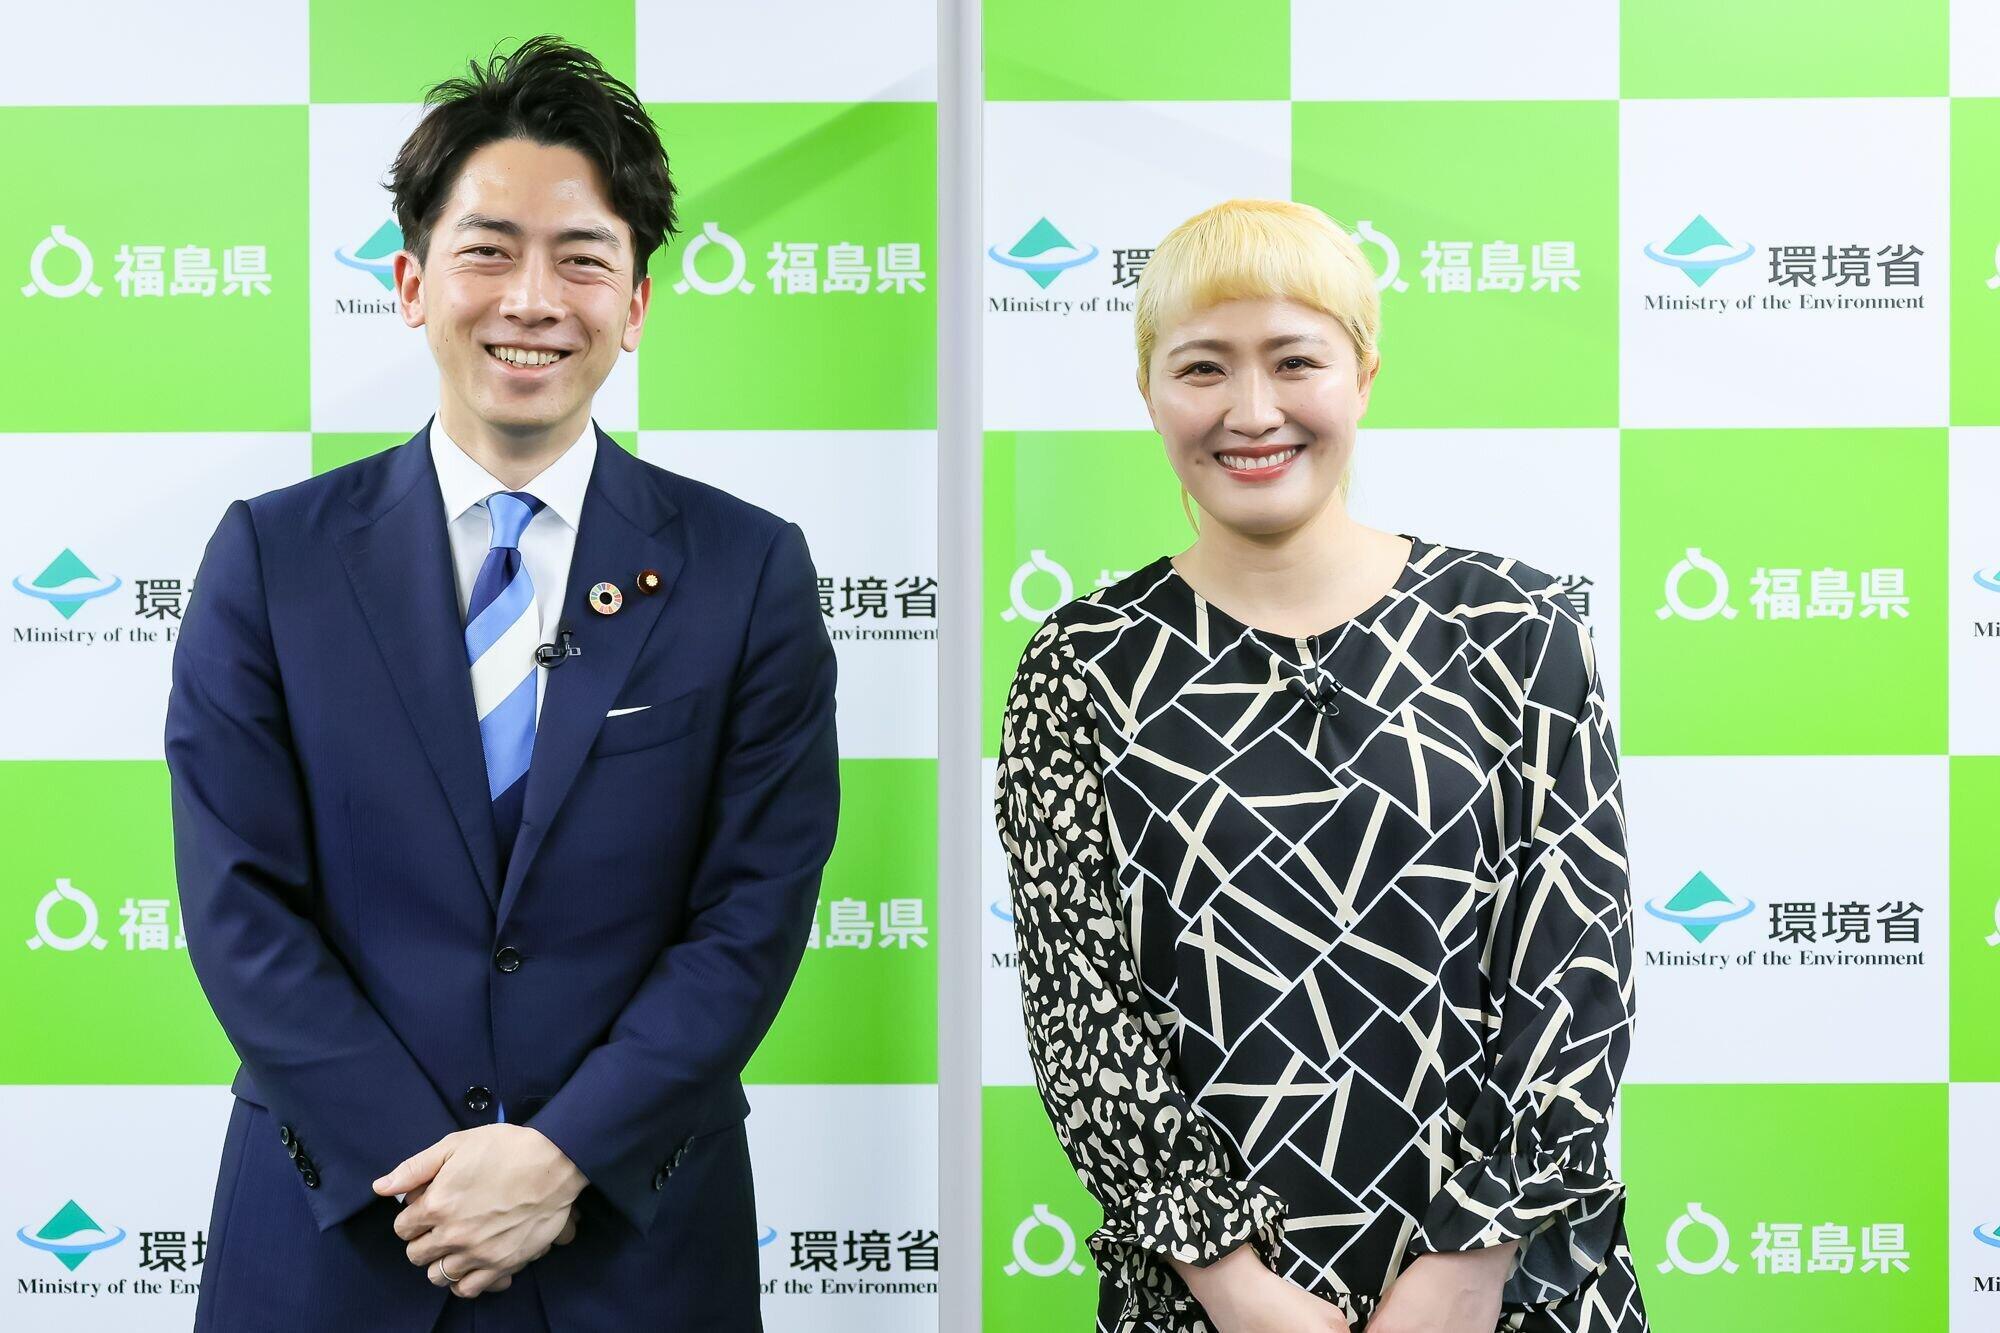 「いっしょに考える『福島、その先の環境へ。』シンポジウム」およびチャレンジ・アワード表彰式